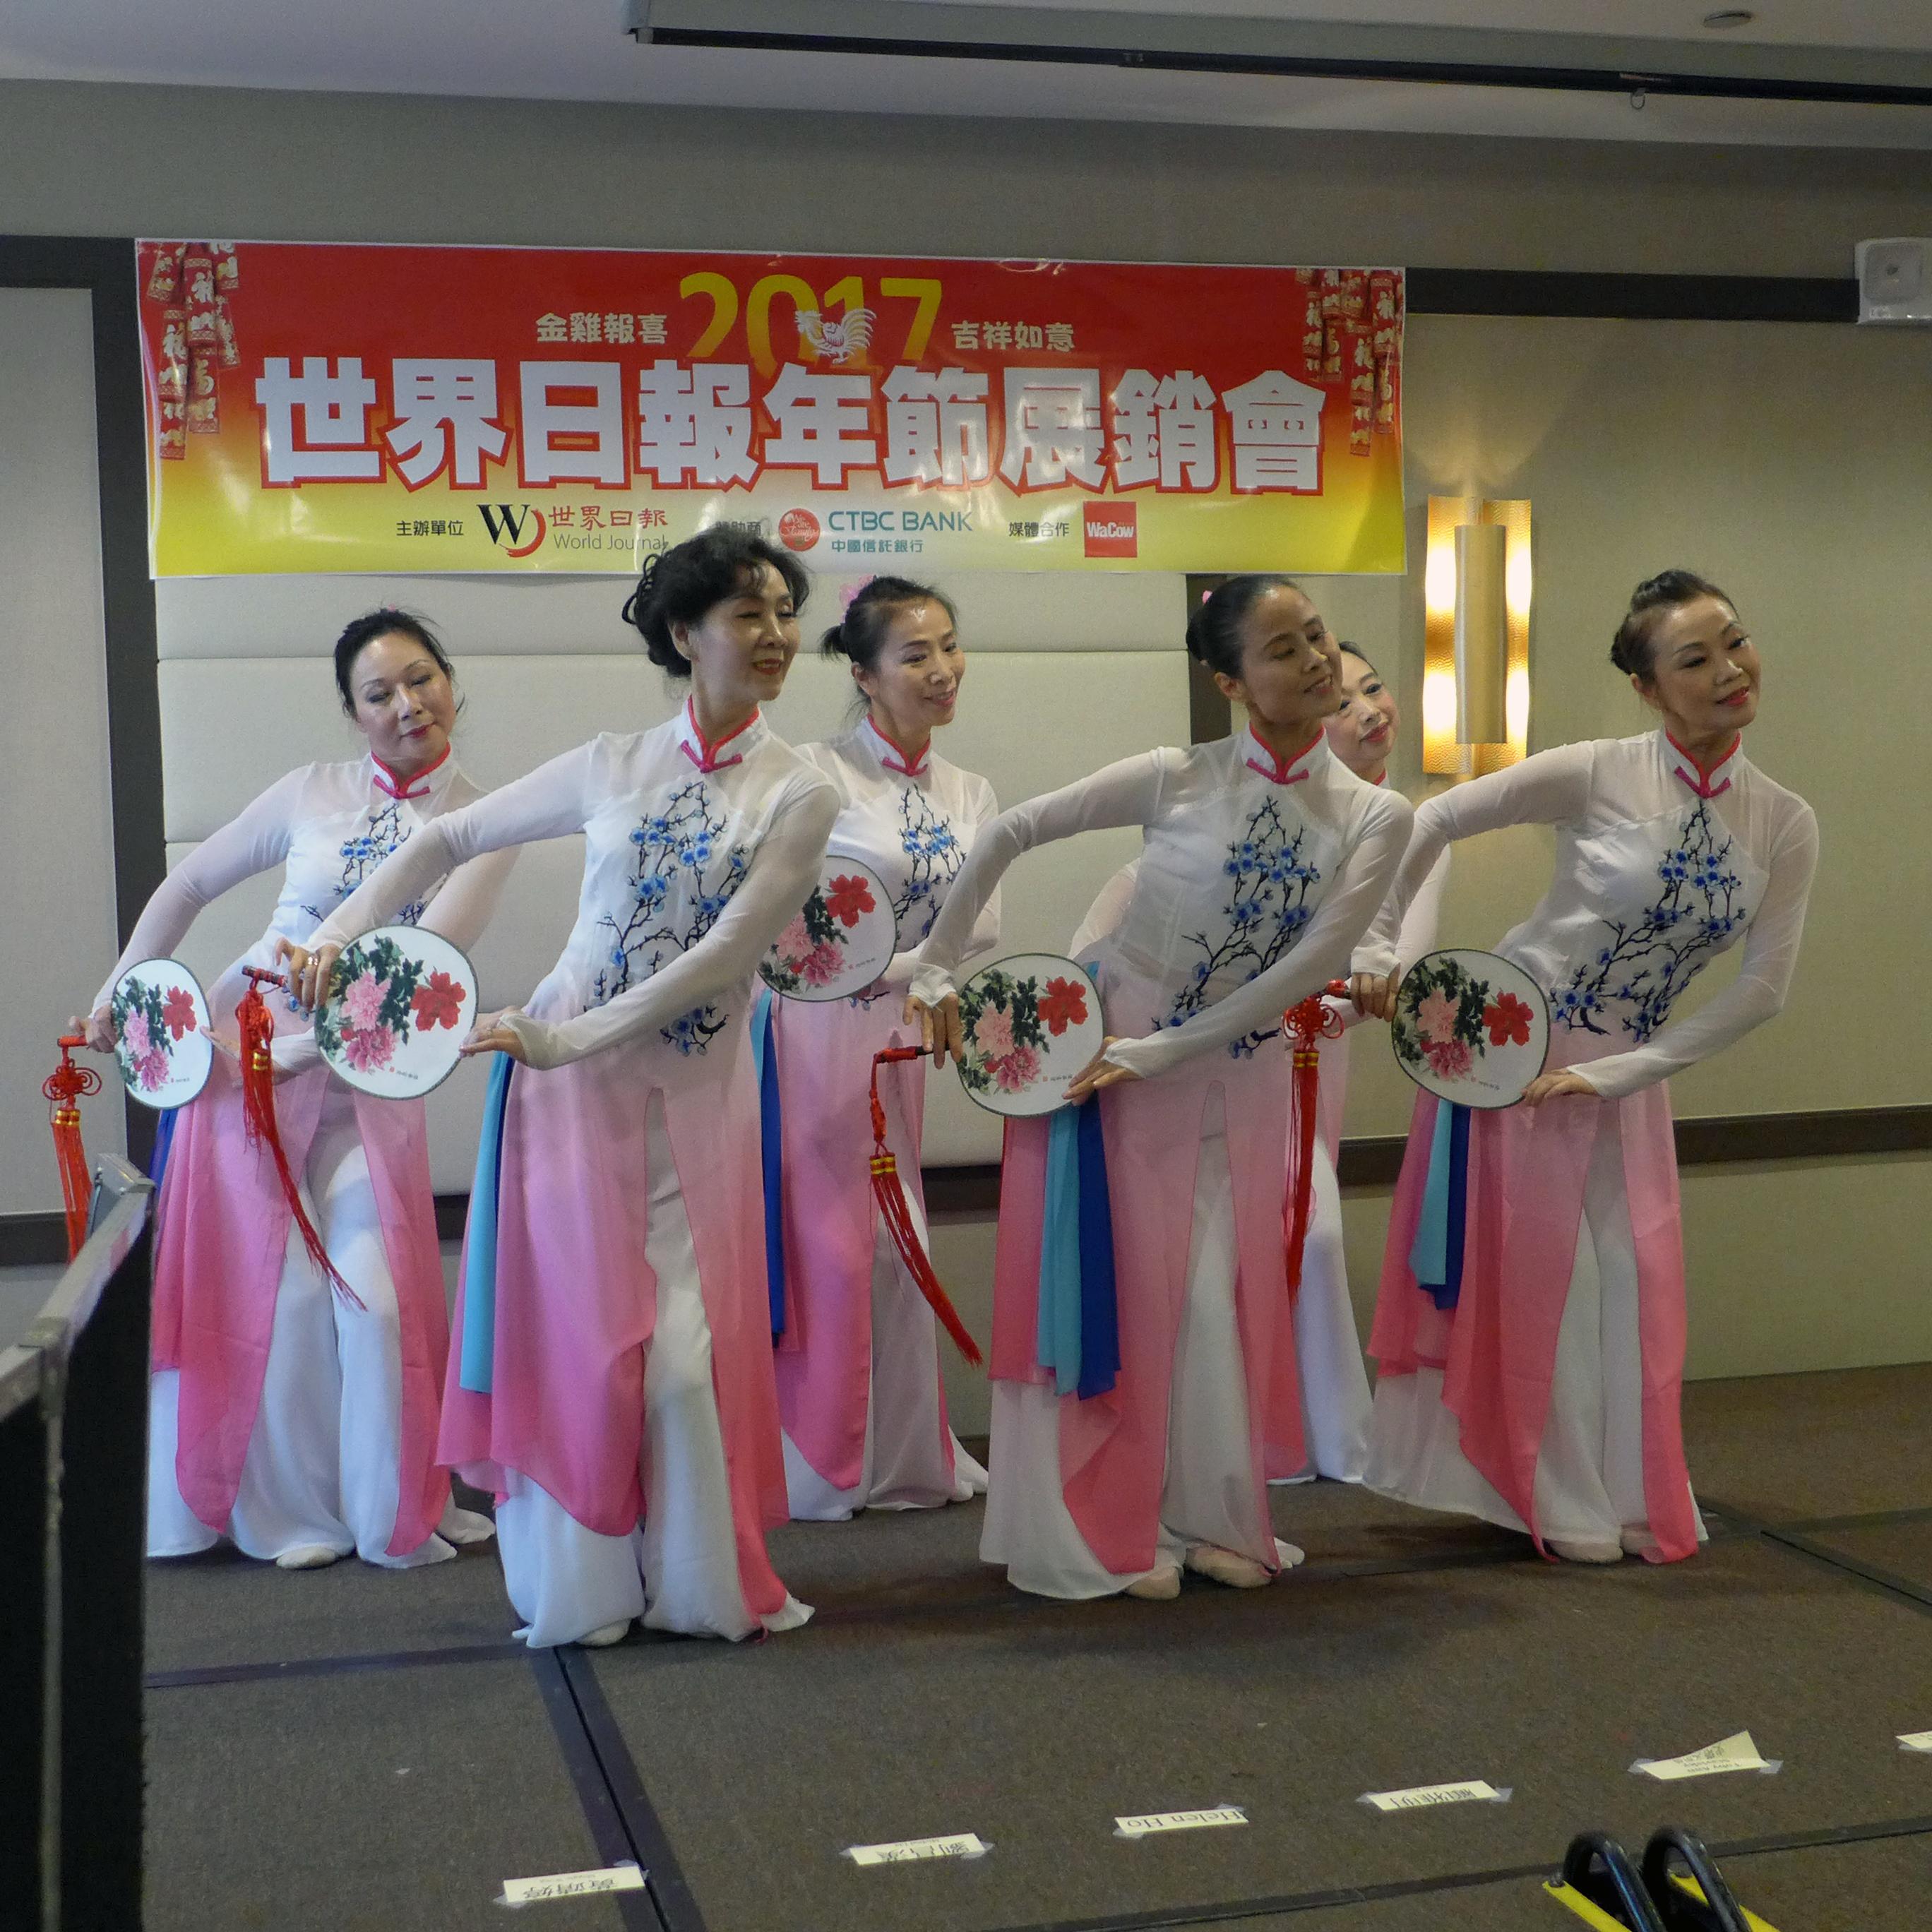 現場的精彩民俗舞蹈表演